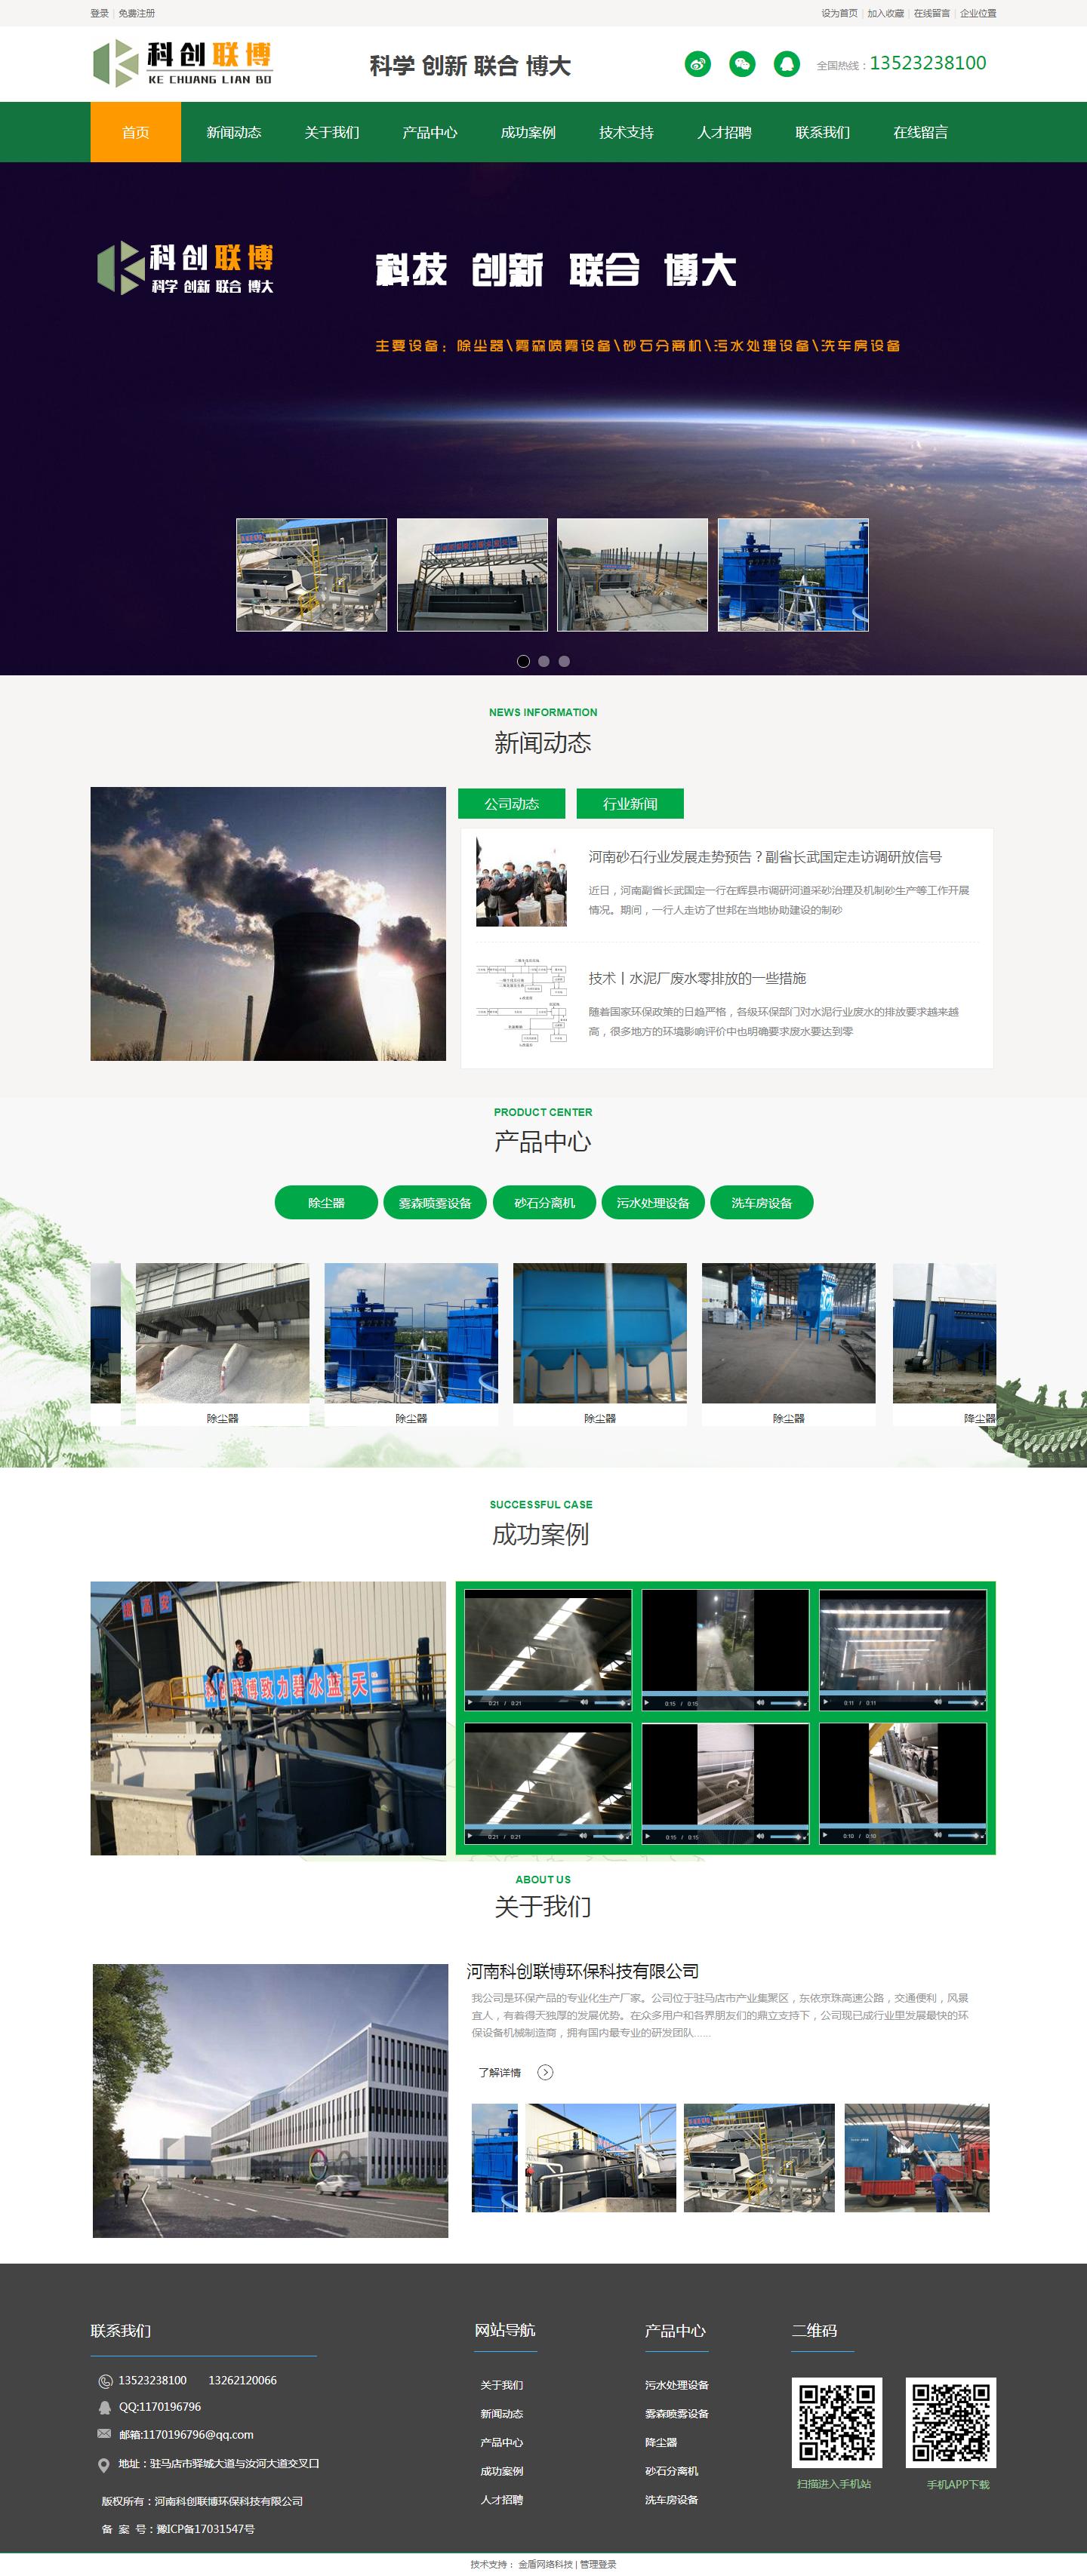 环保设备, 污水处理设备,雾森喷雾设备-河南科创联博环保科技有限公司.png